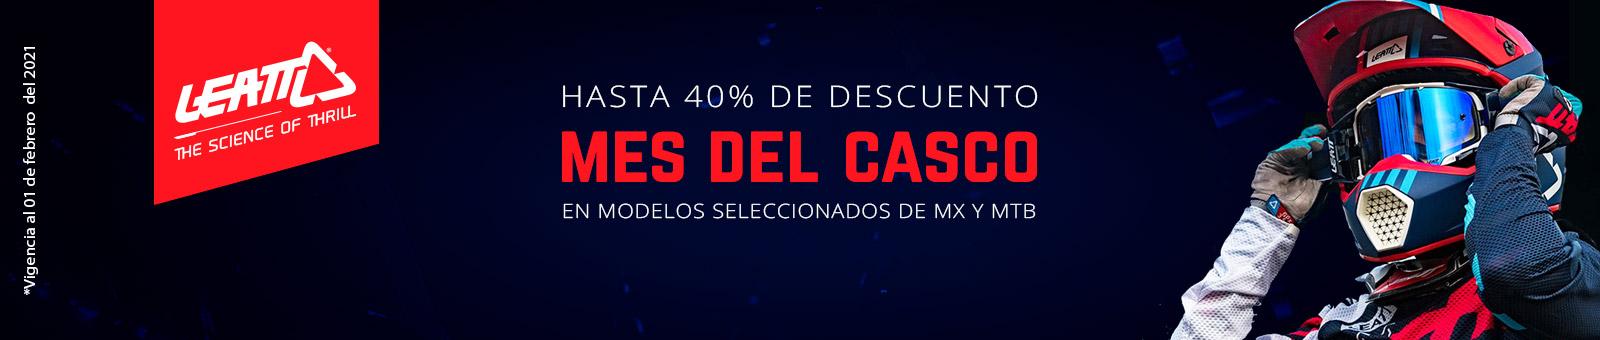 MES DEL CASCO ADRENALINK B2C